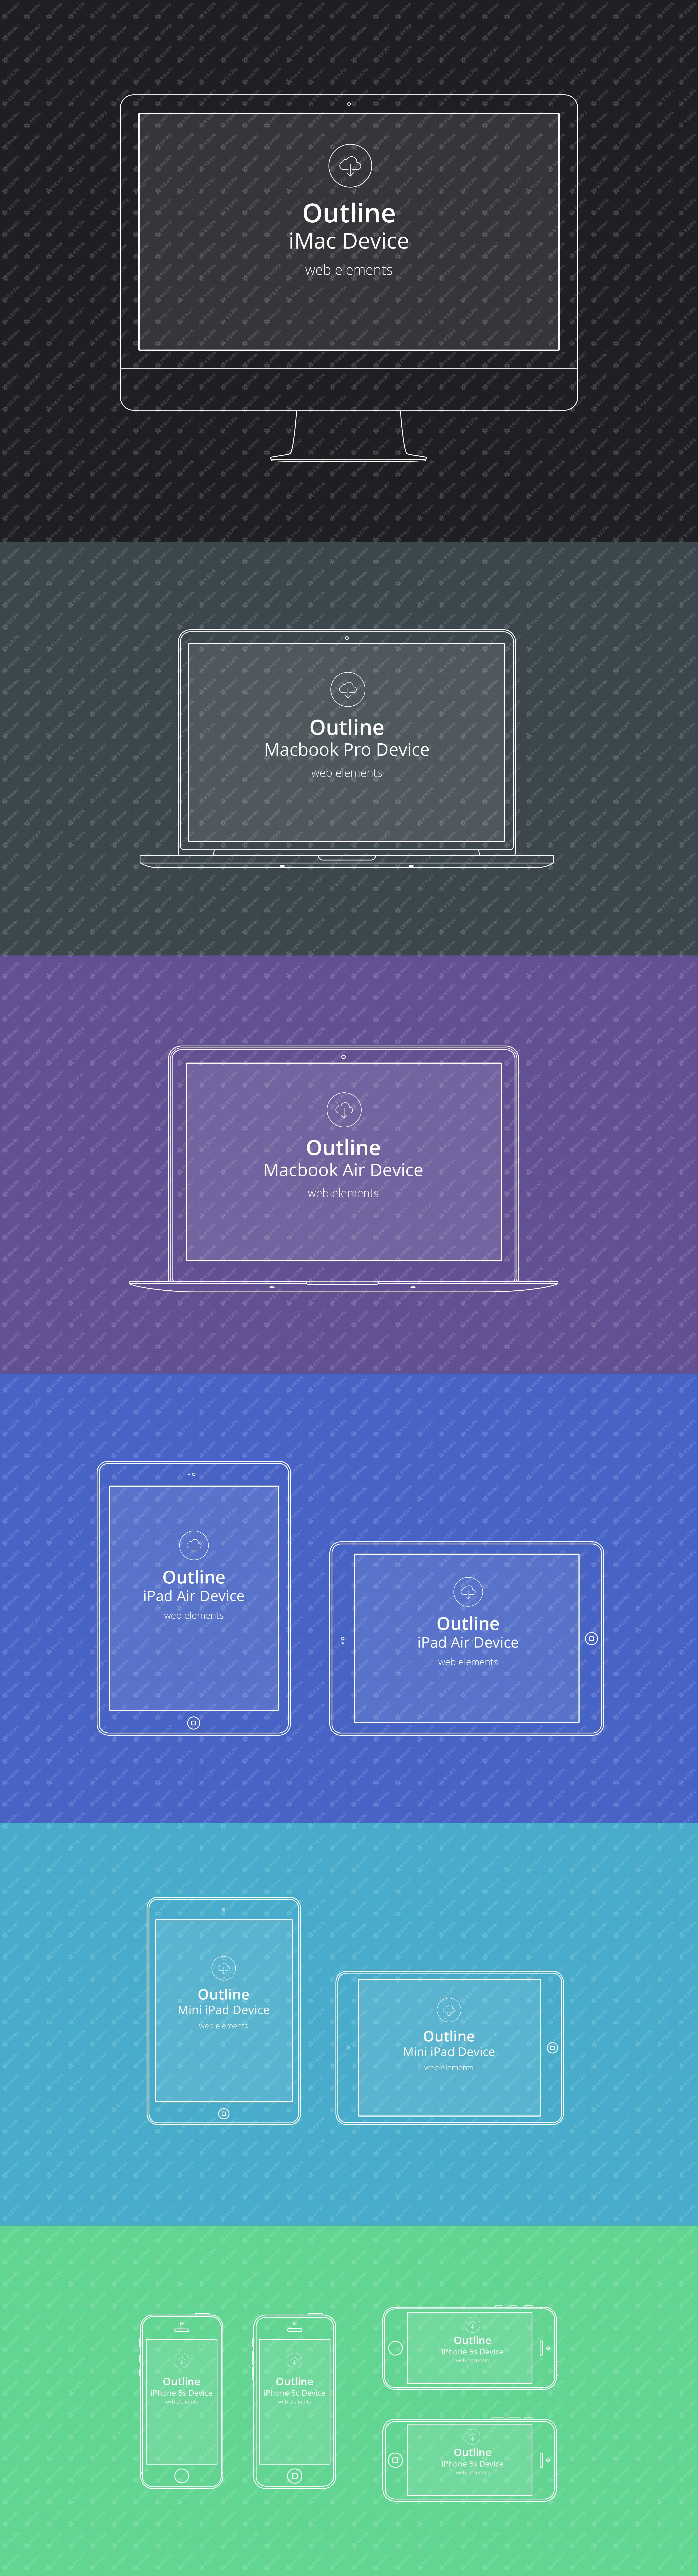 苹果设备线框样机模型素材psd源文件